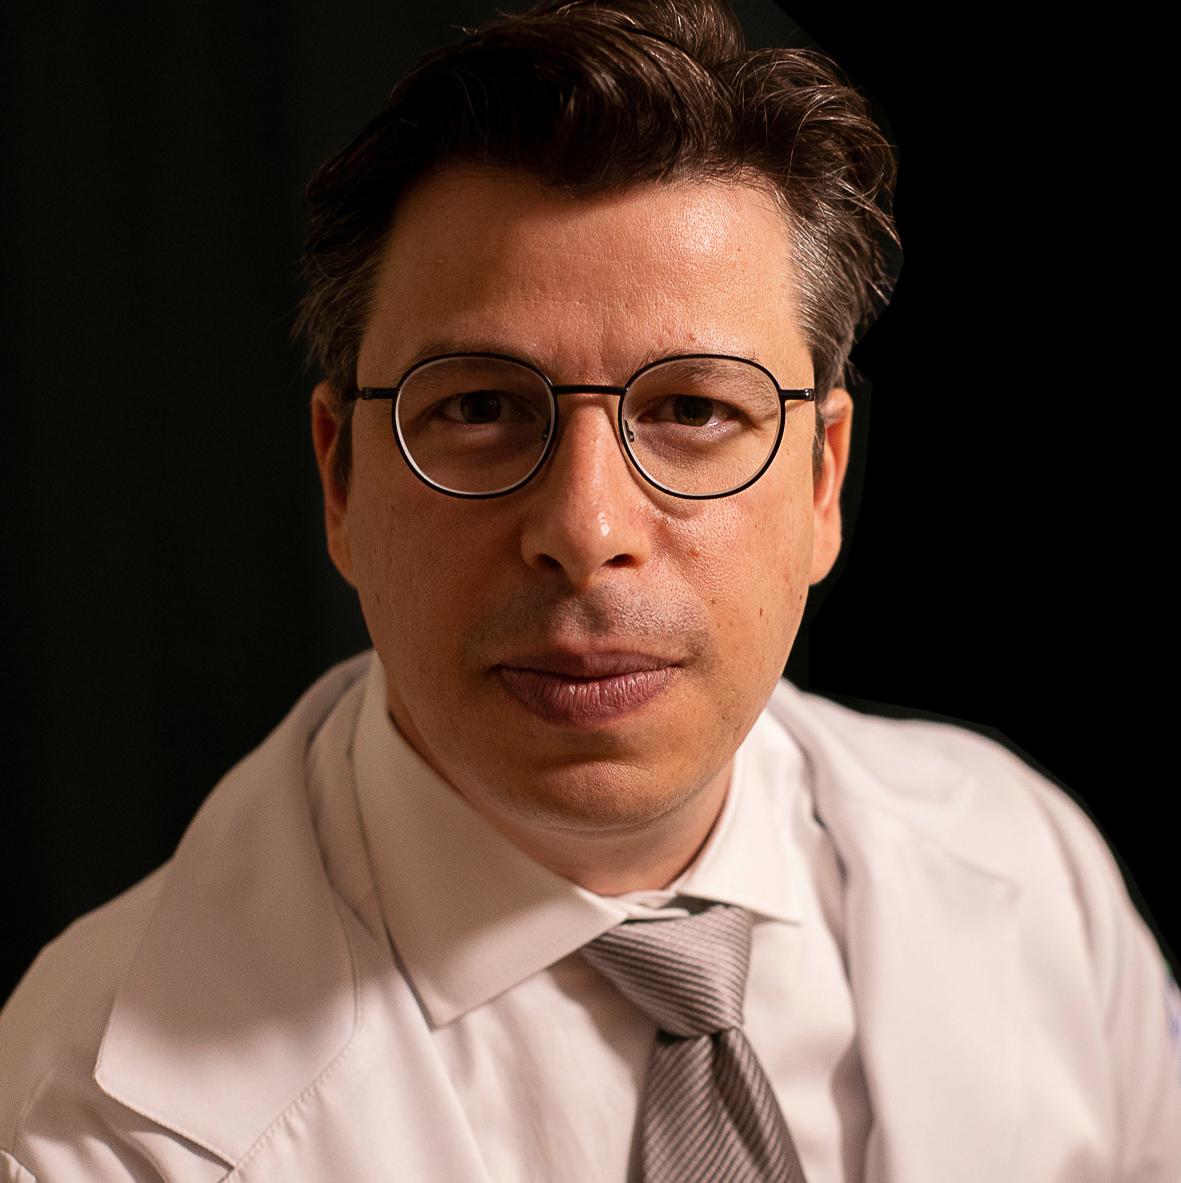 Luciano Lopes Furlanetti